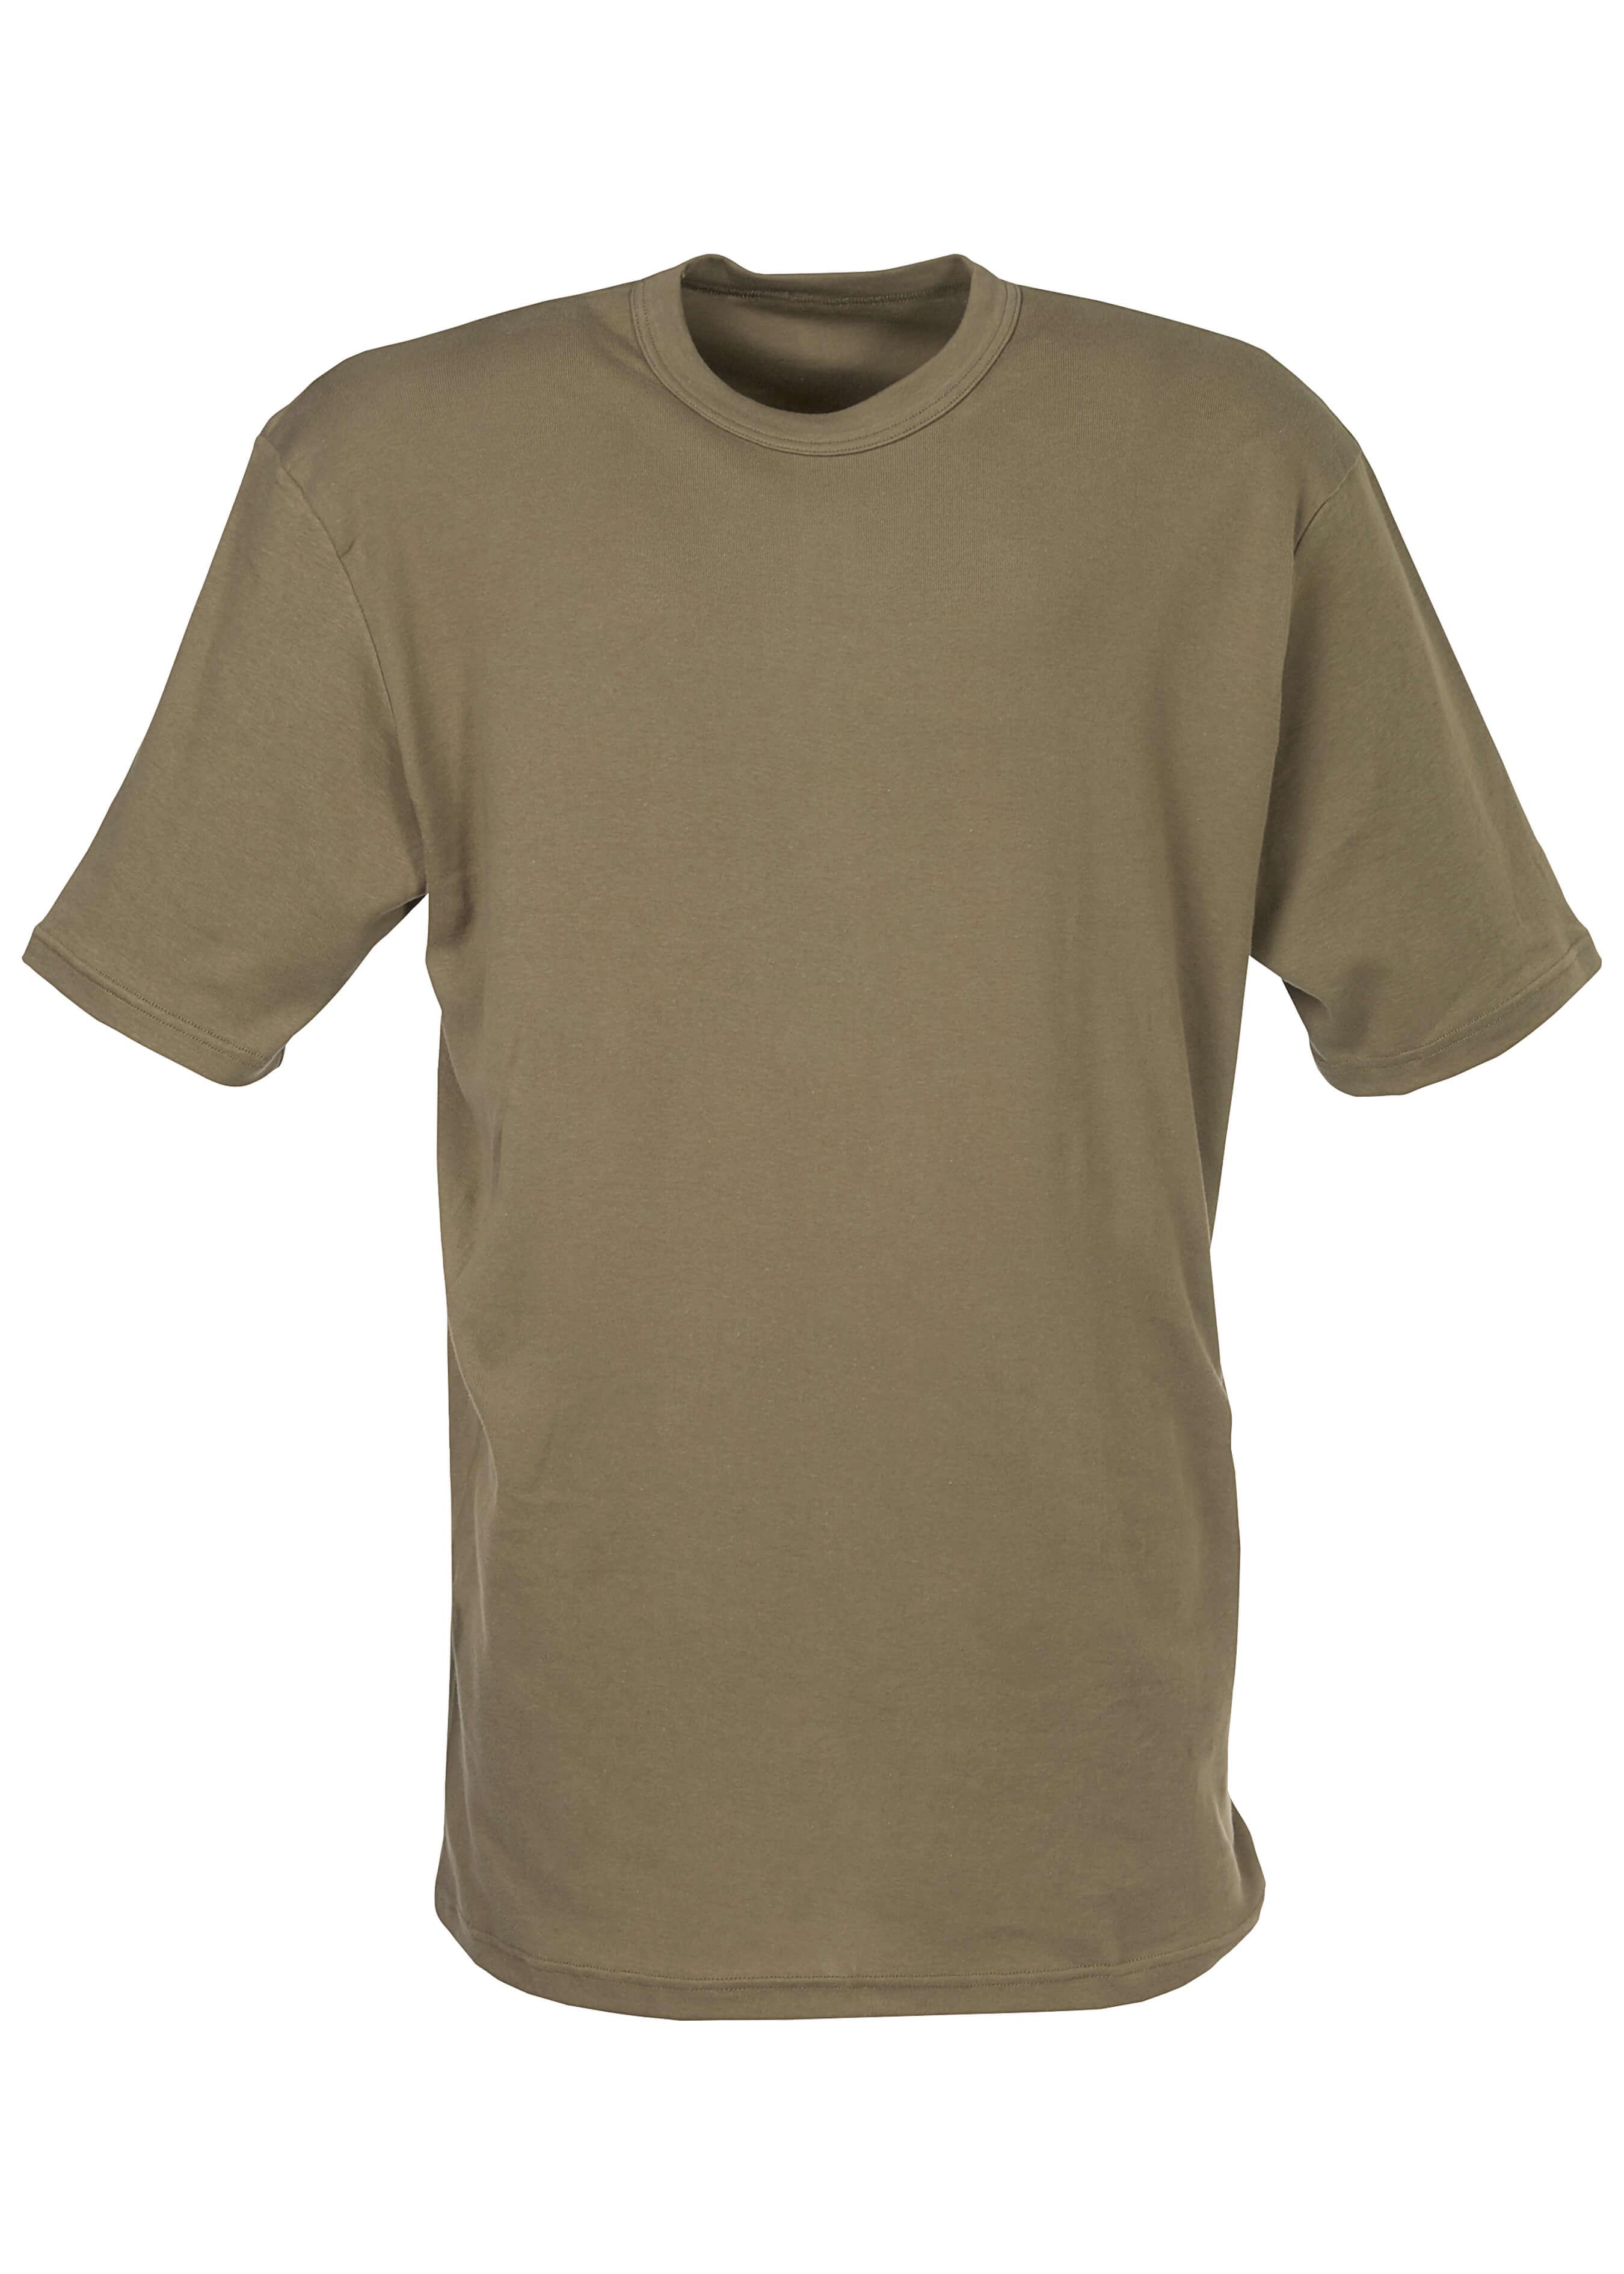 Militär T-Shirt 281224L 1